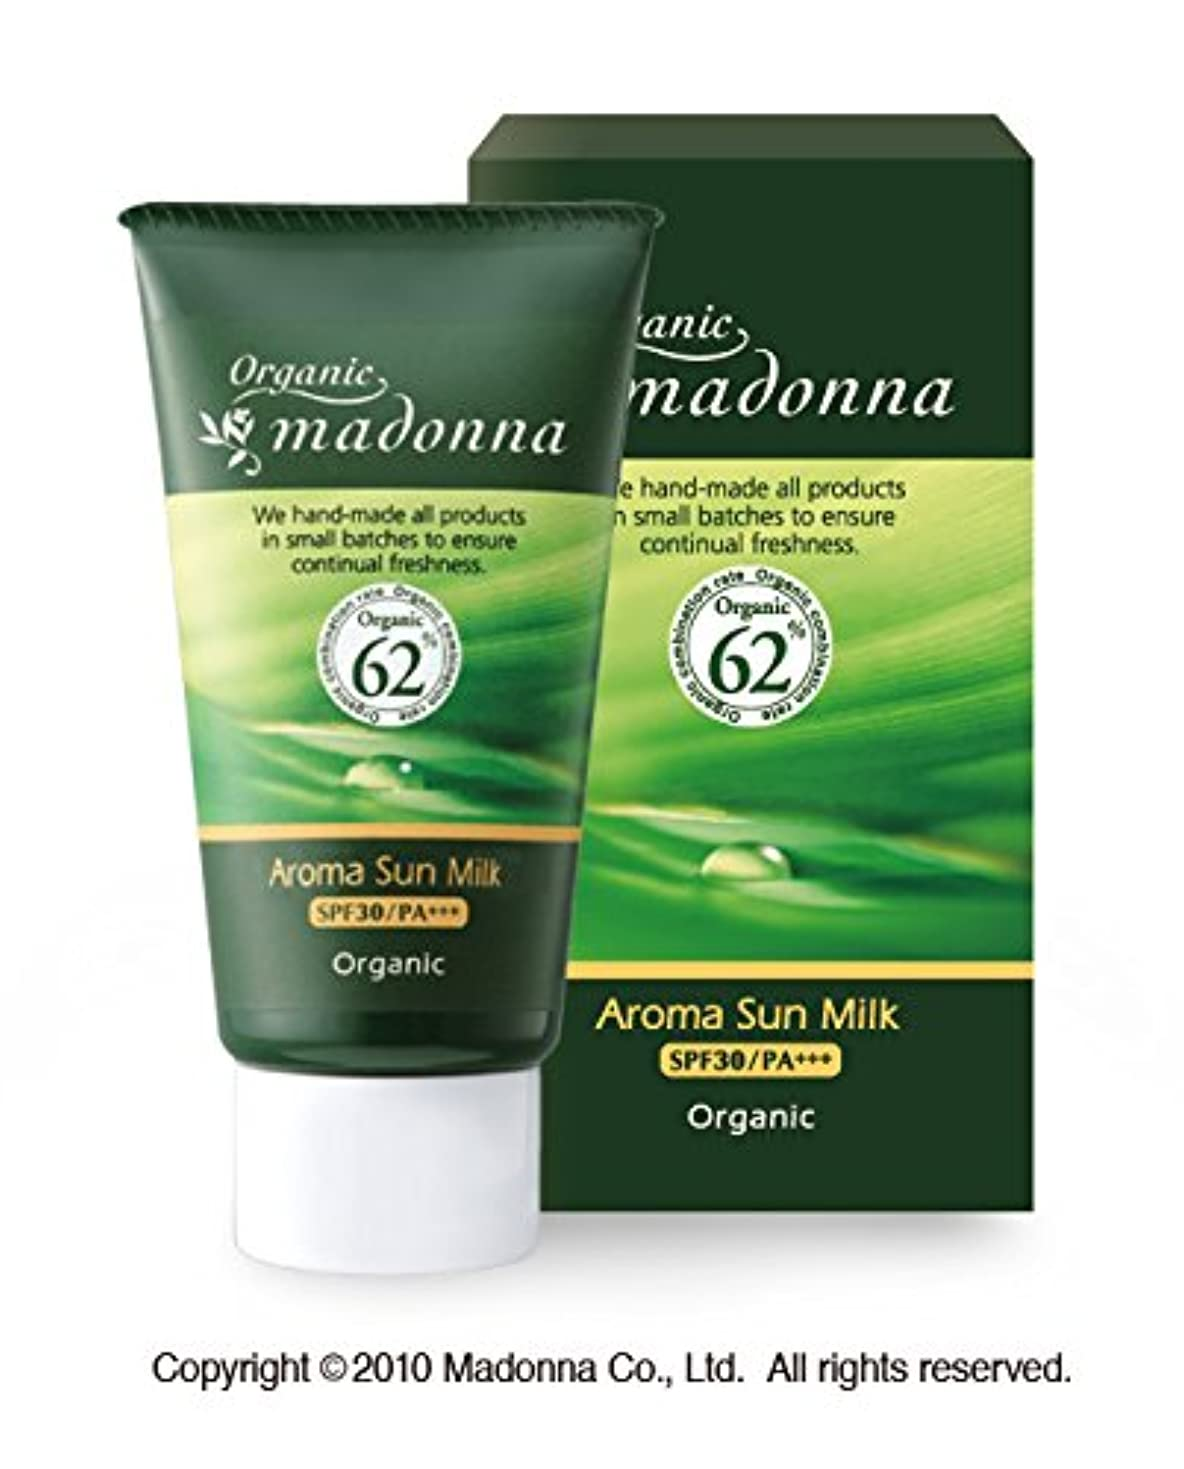 横たわる端末振動するオーガニックマドンナ アロマサンミルク45g(SPF30/PA+++)<オーガニック62%配合>